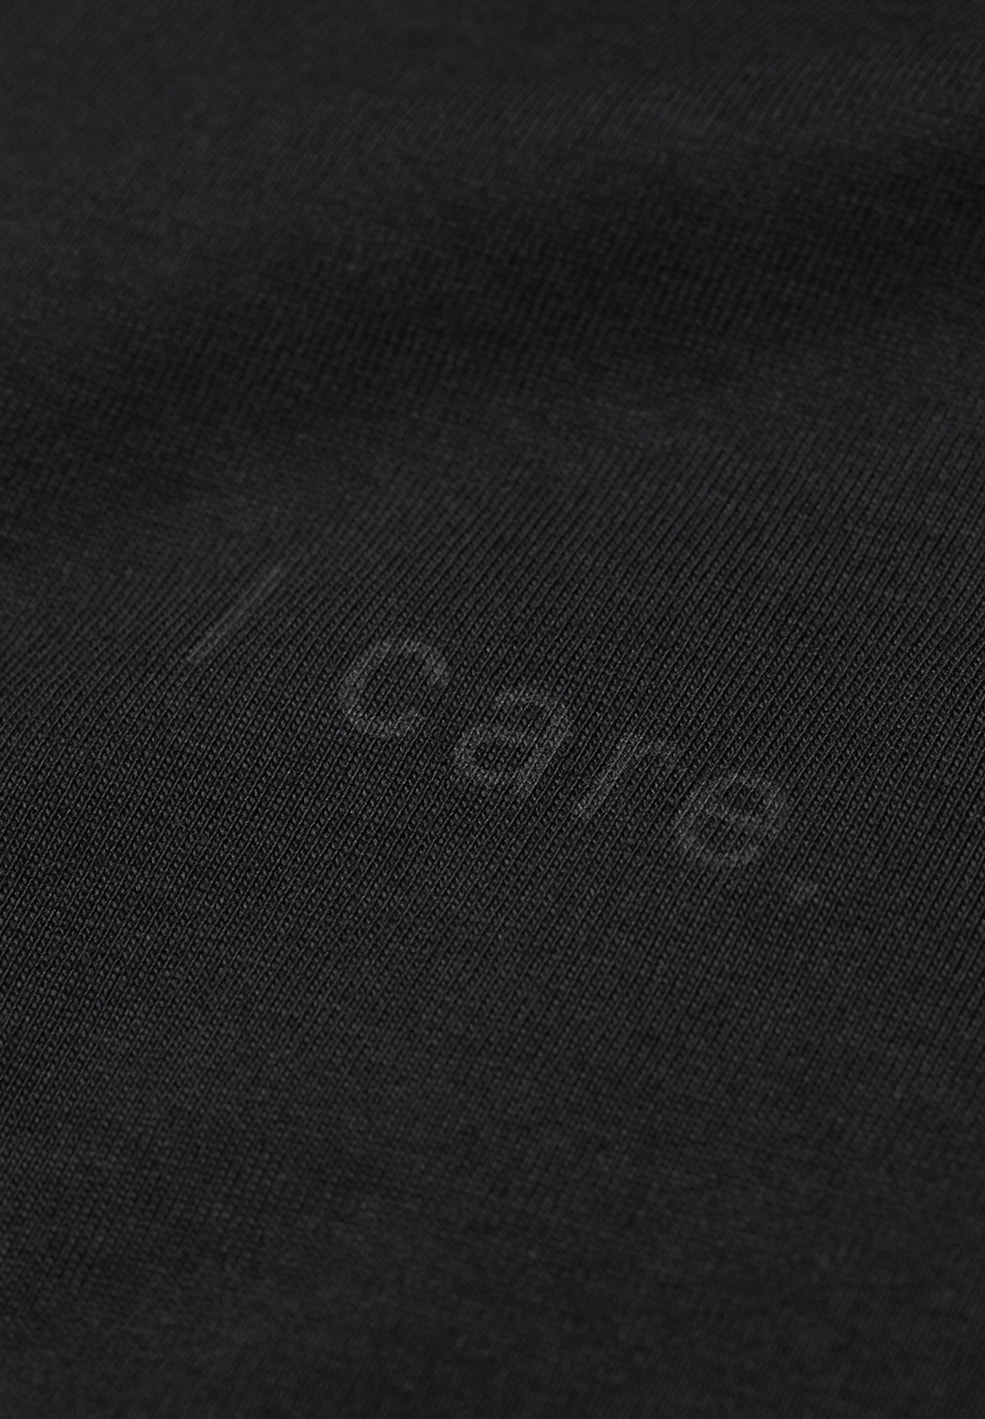 AADO I CARE